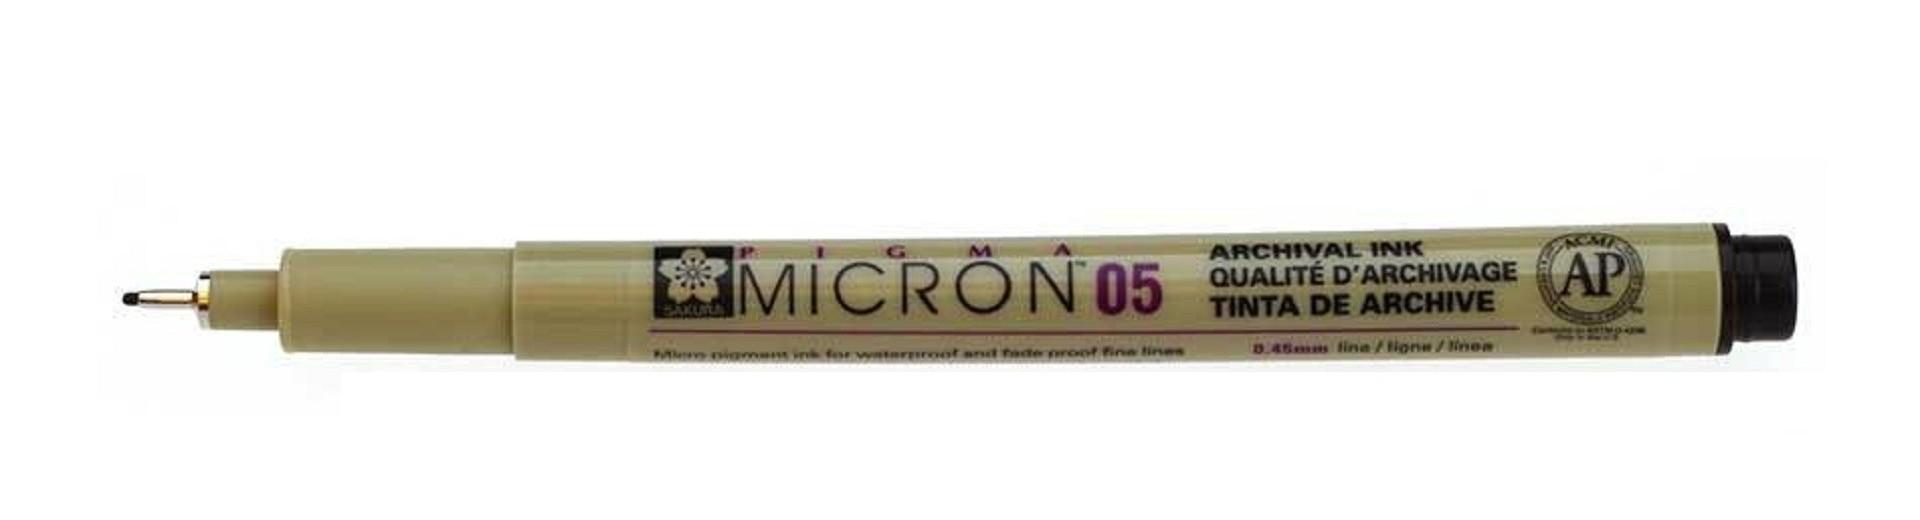 CALIBRADOS PIGMA MICRON